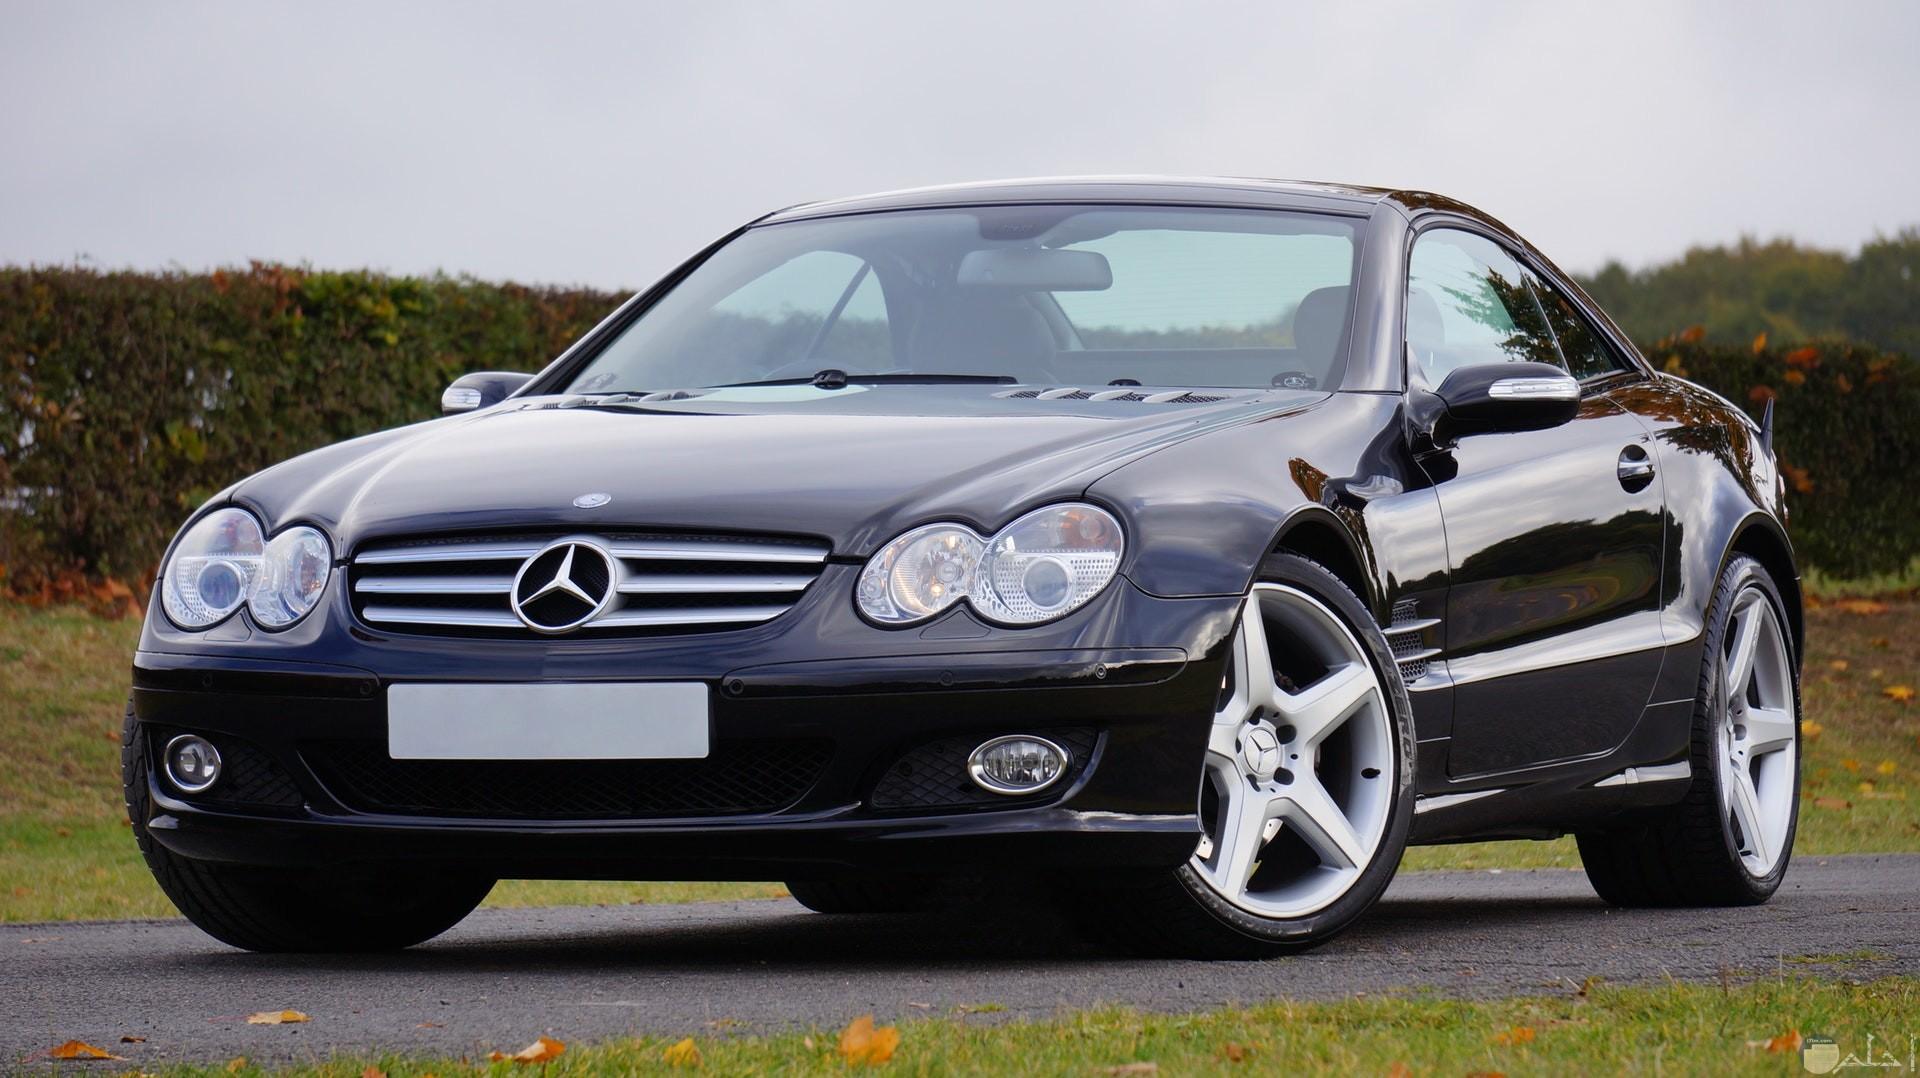 صورة جميلة لسيارة مرسيدس بنز باللون الأسود